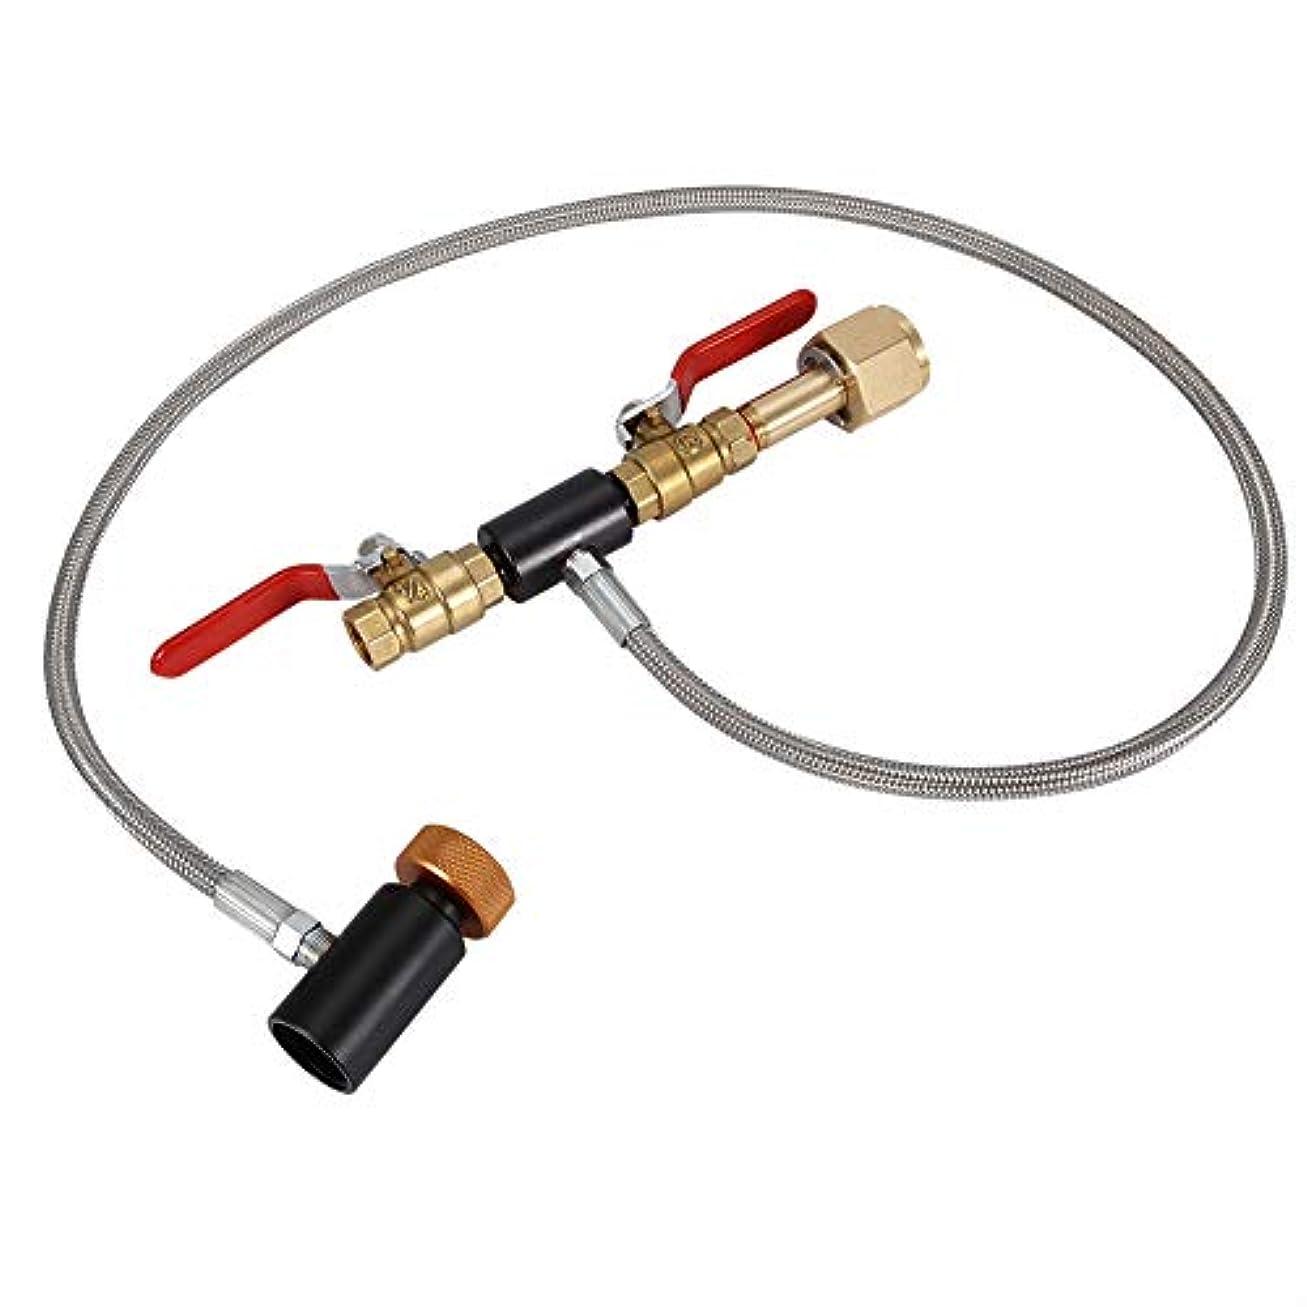 トンネルスリム付き添い人充填ソーダストリームタンク用ホース付きG1 / 2 CO2シリンダー詰め替えアダプターボトルコネクタCO2タンクソーダメーカーアクセサリー(ゲージなし36インチ)